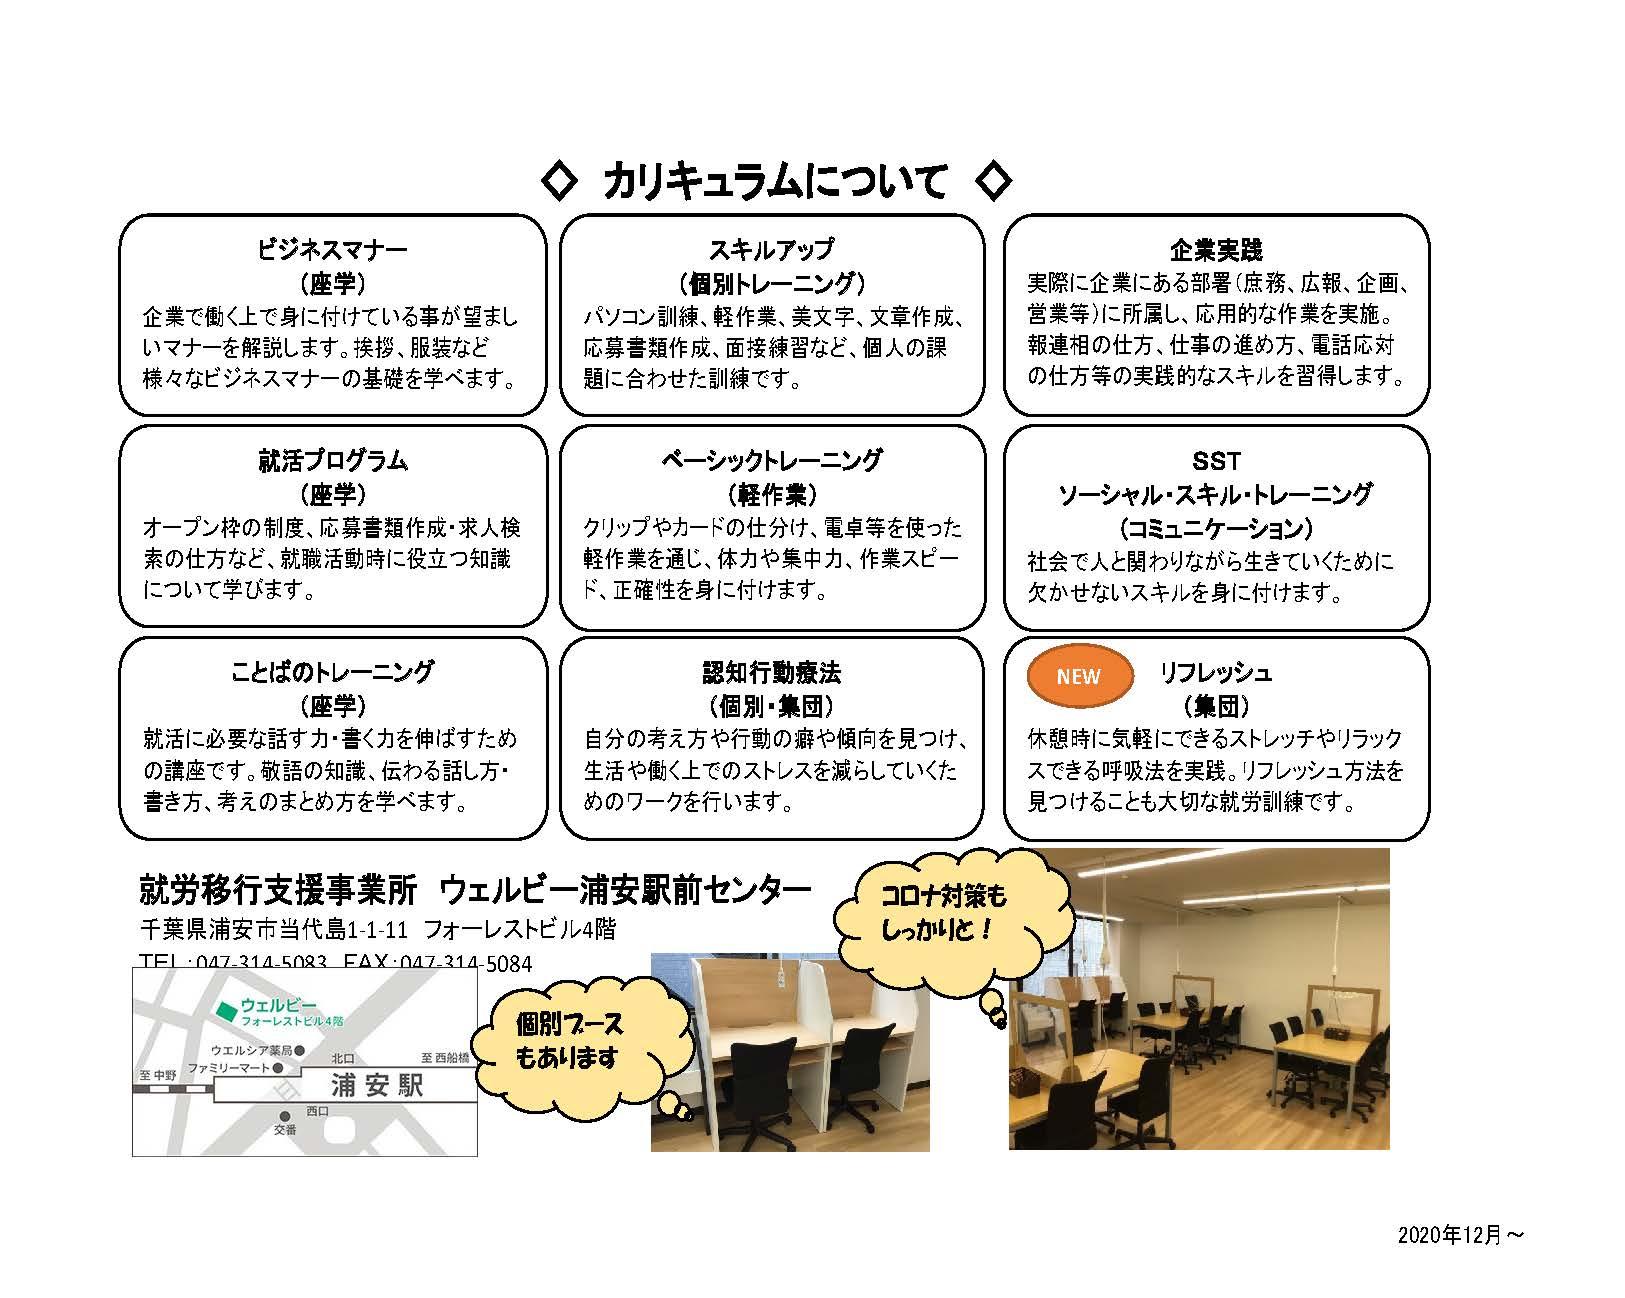 浦安カリキュラム表_202012~_ページ_2